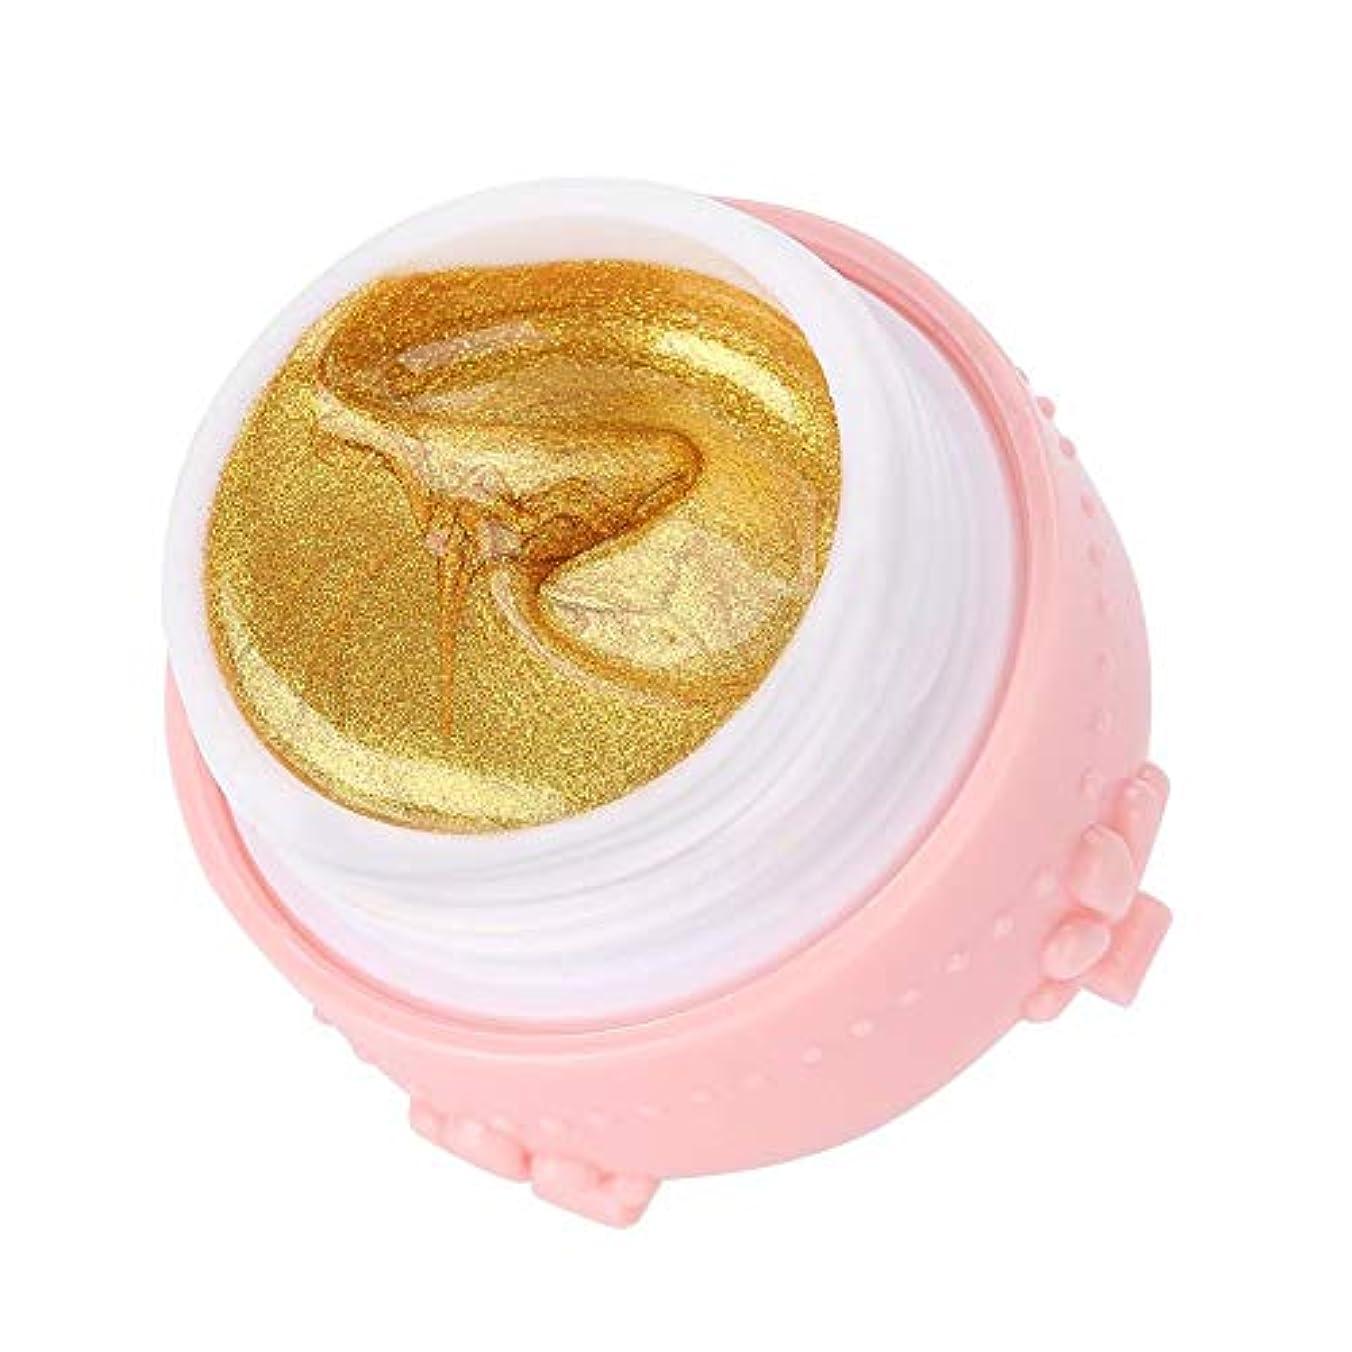 欠如帰るファブリックジェルネイル キラキラ素敵な 3DネイルUVジェル 強力な接着 女性 良い贈り物(金色)